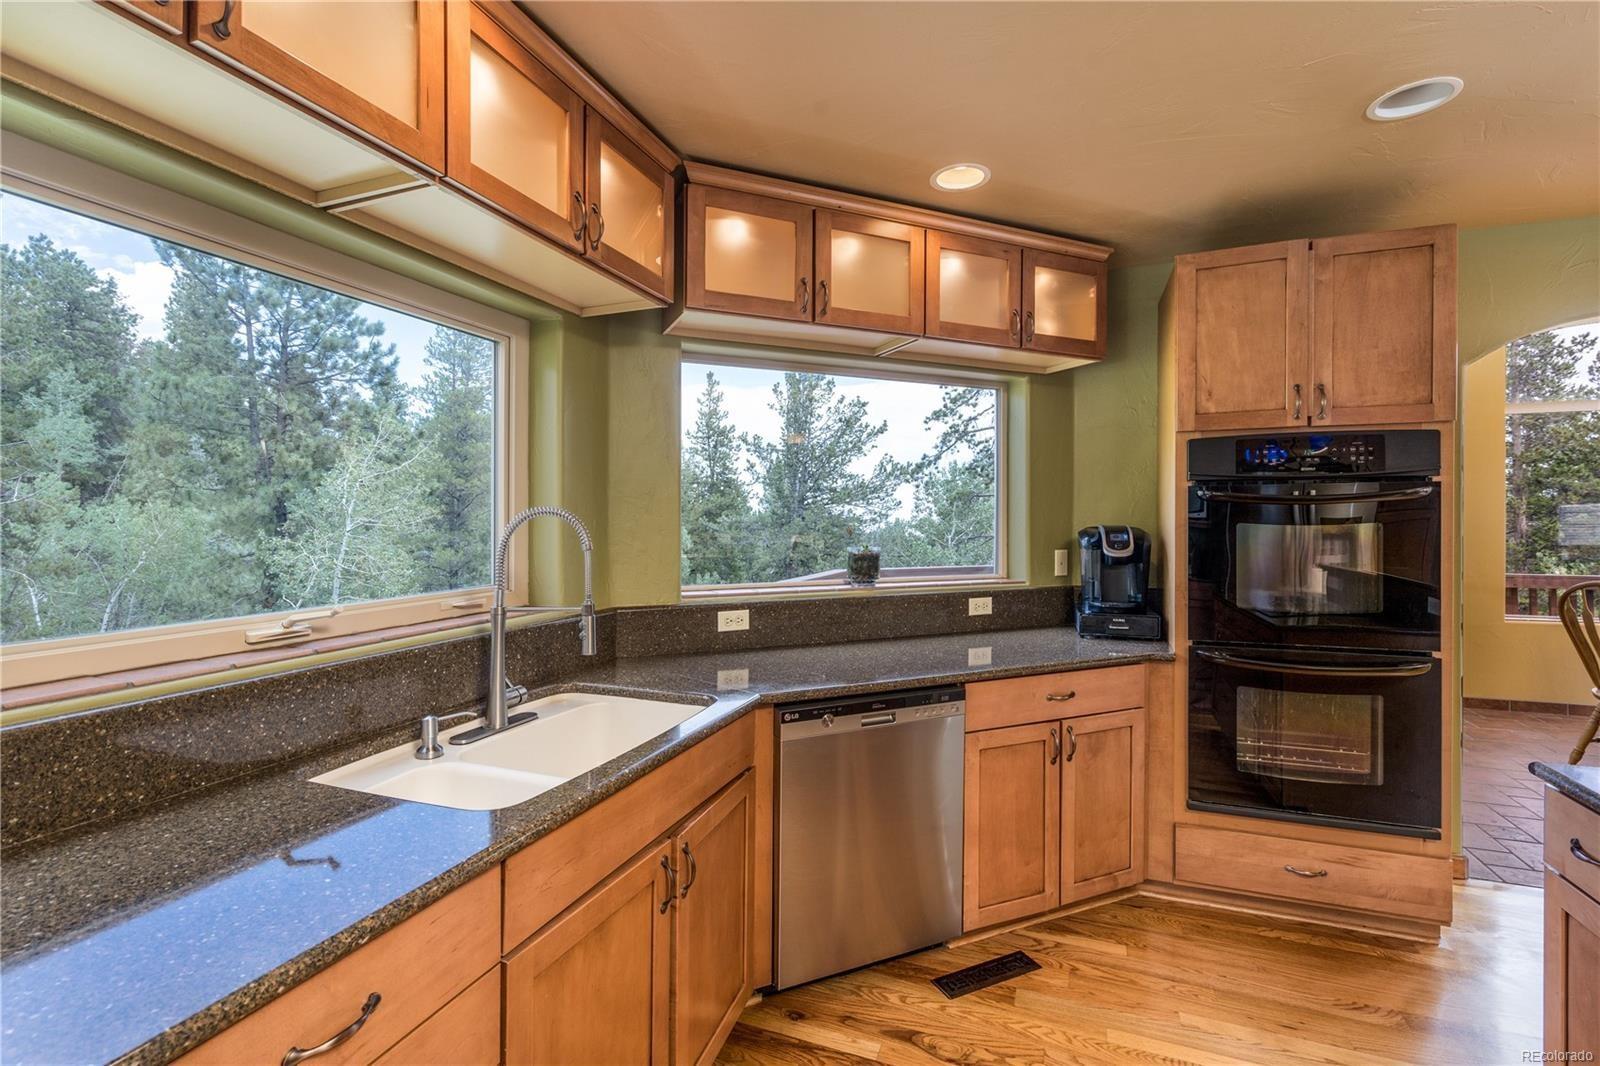 MLS# 2657267 - 8 - 11933 Coal Creek Heights Drive, Golden, CO 80403